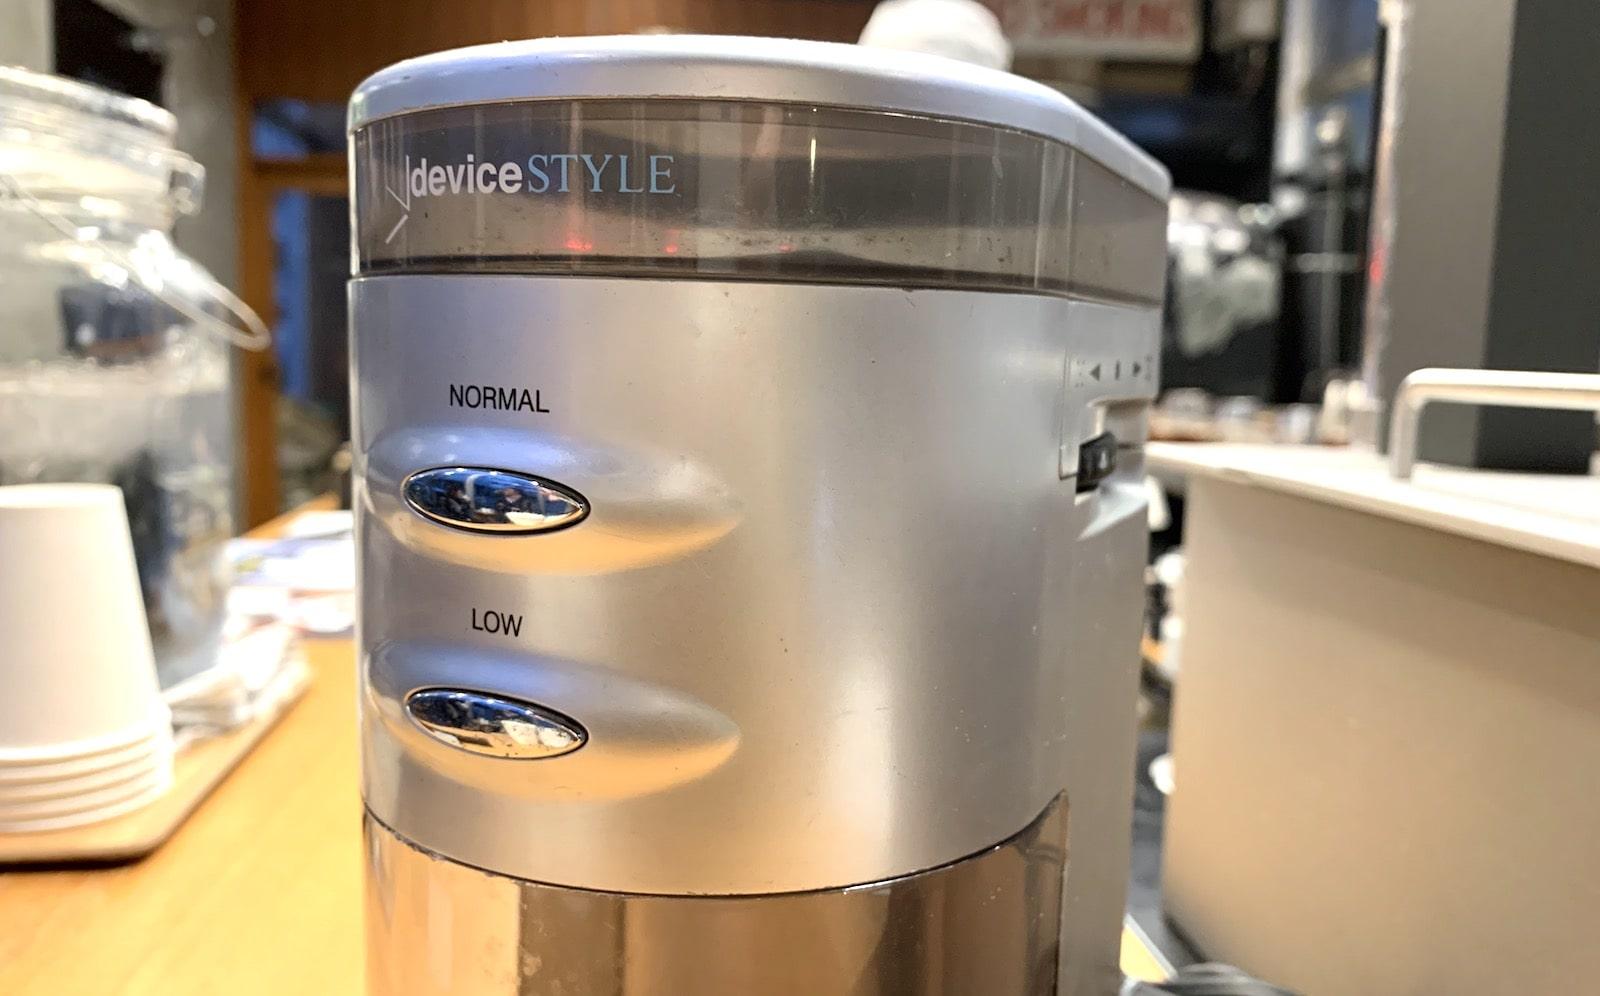 デバイスタイルコーヒーグラインダー